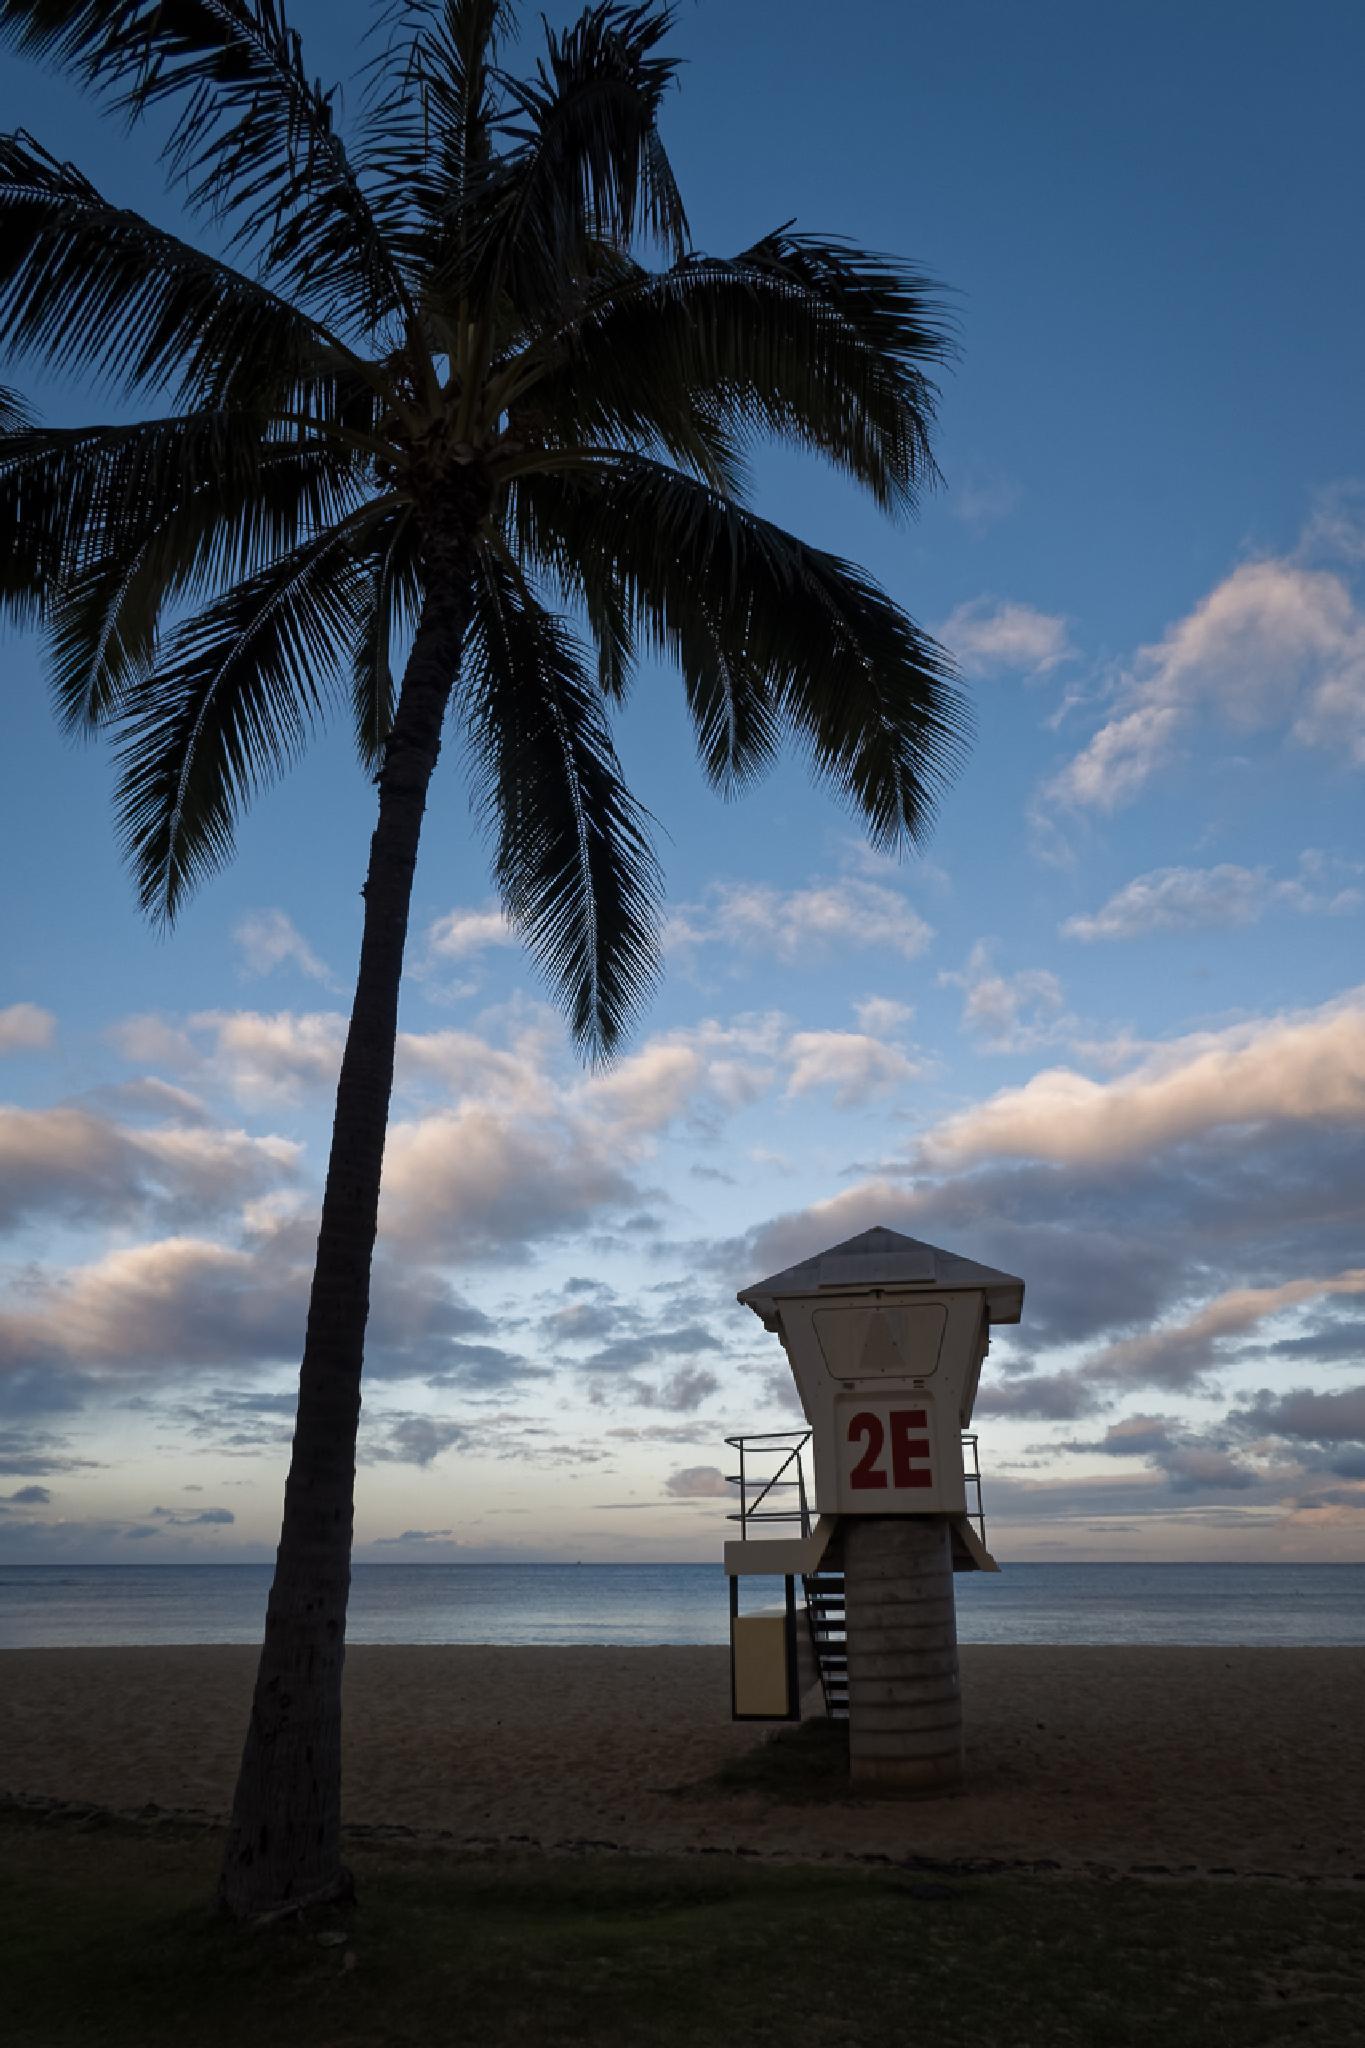 2E and a Palm Tree by Ho John Lee